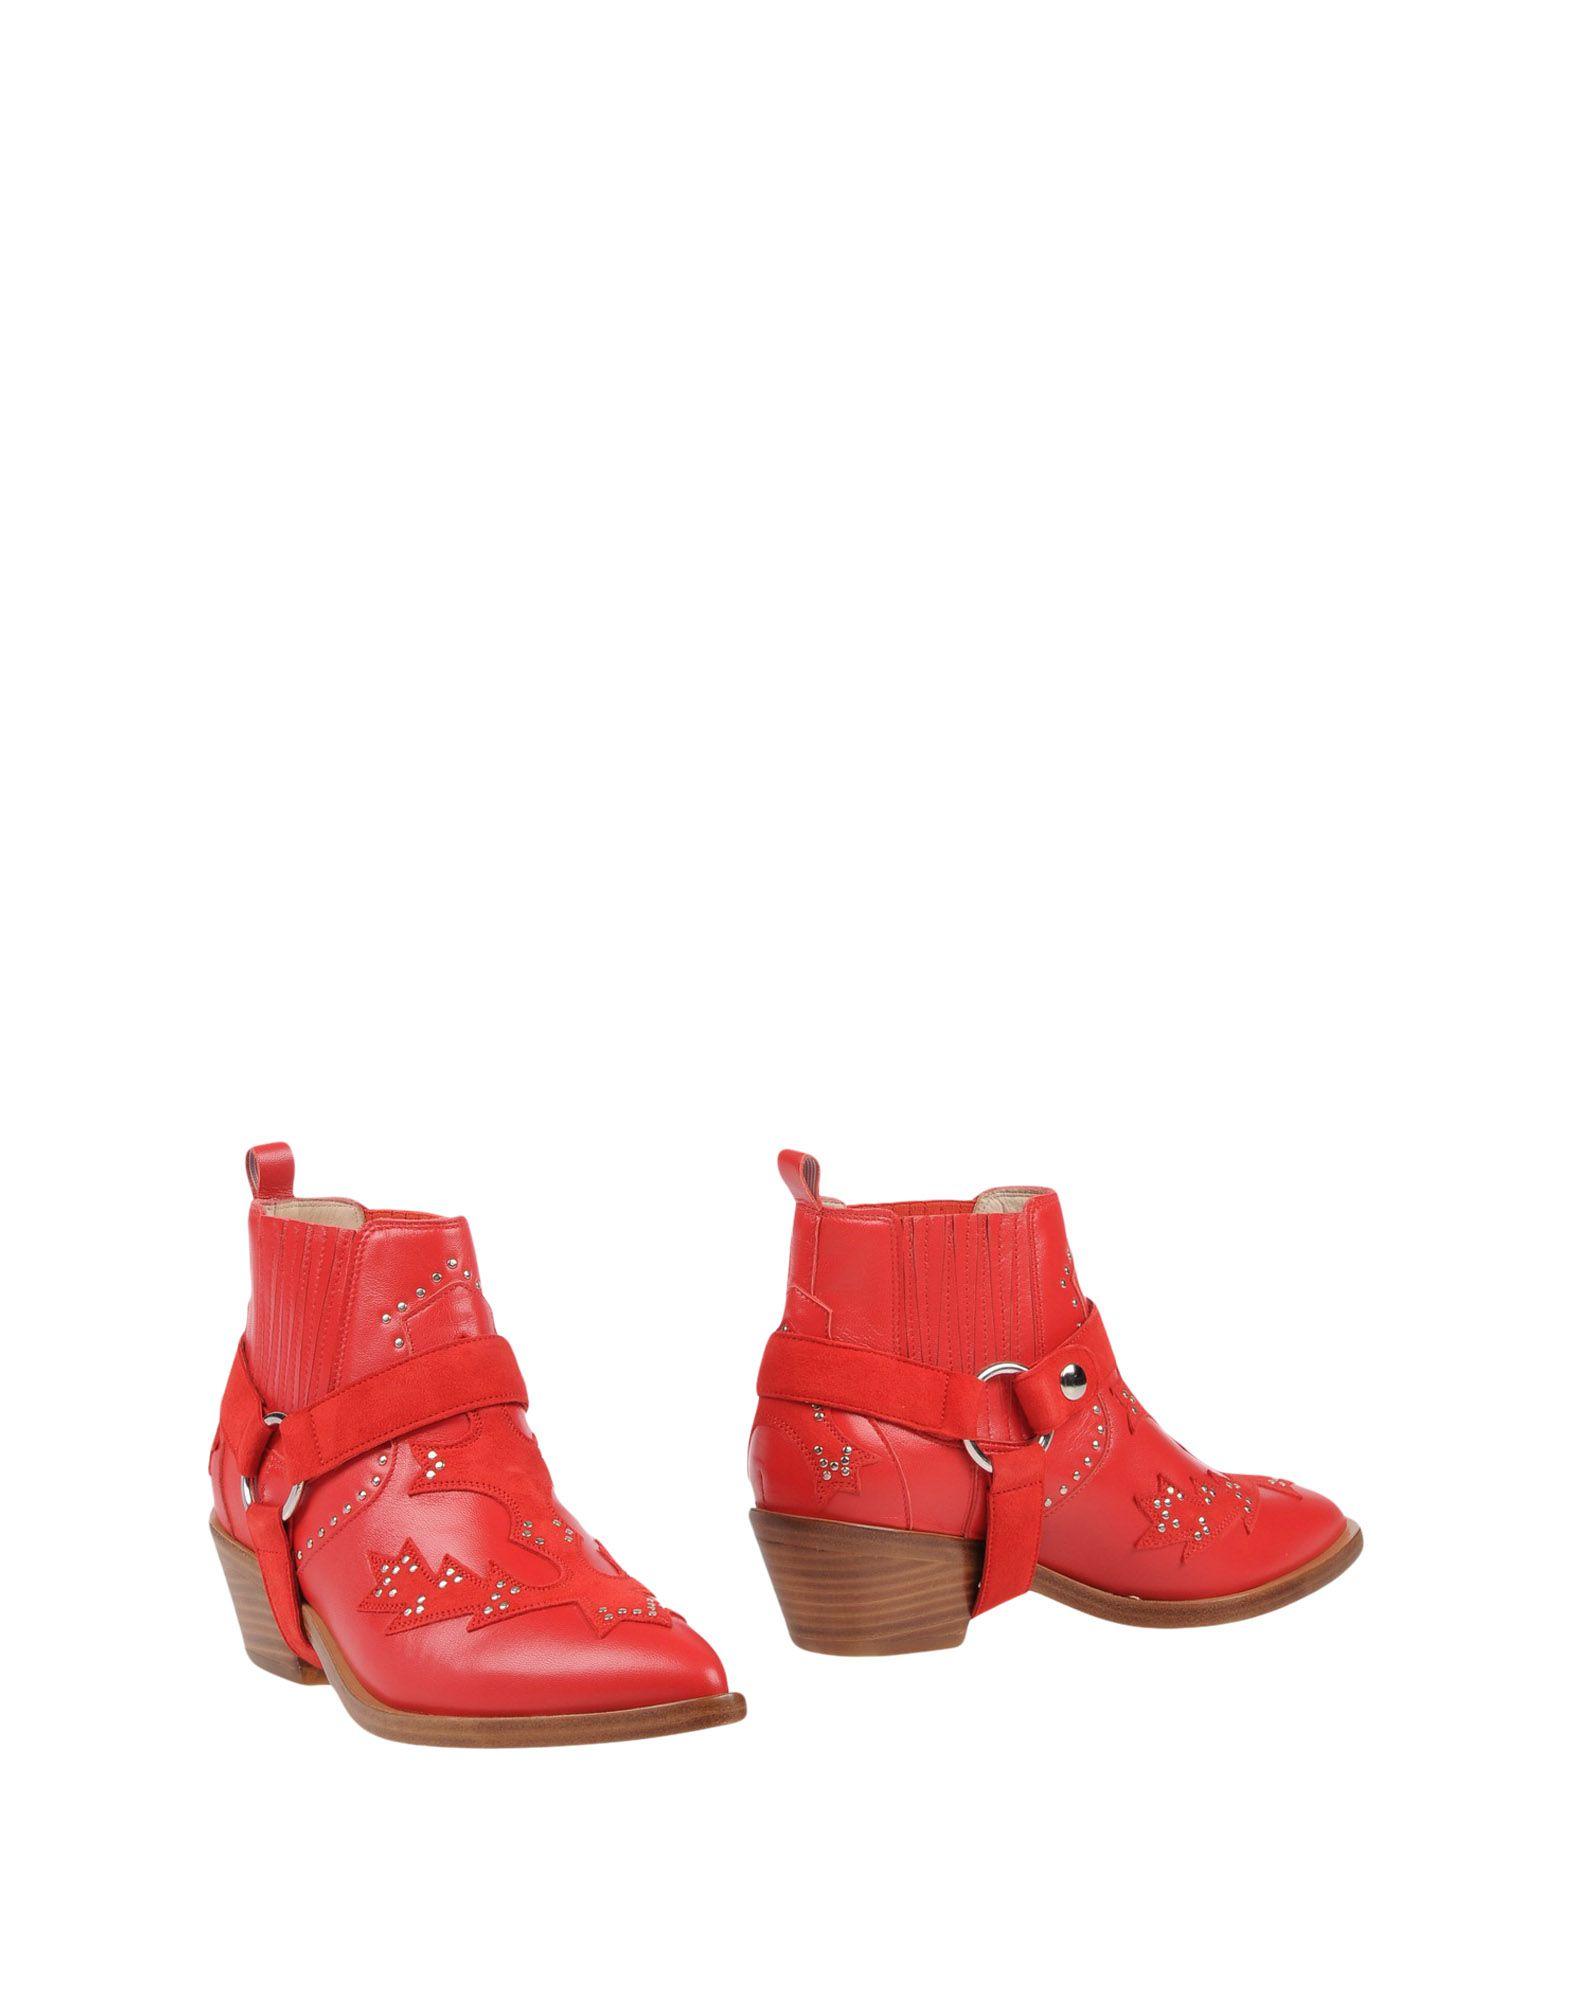 Morobē Stiefelette Damen  11450418QW Gute Qualität beliebte Schuhe